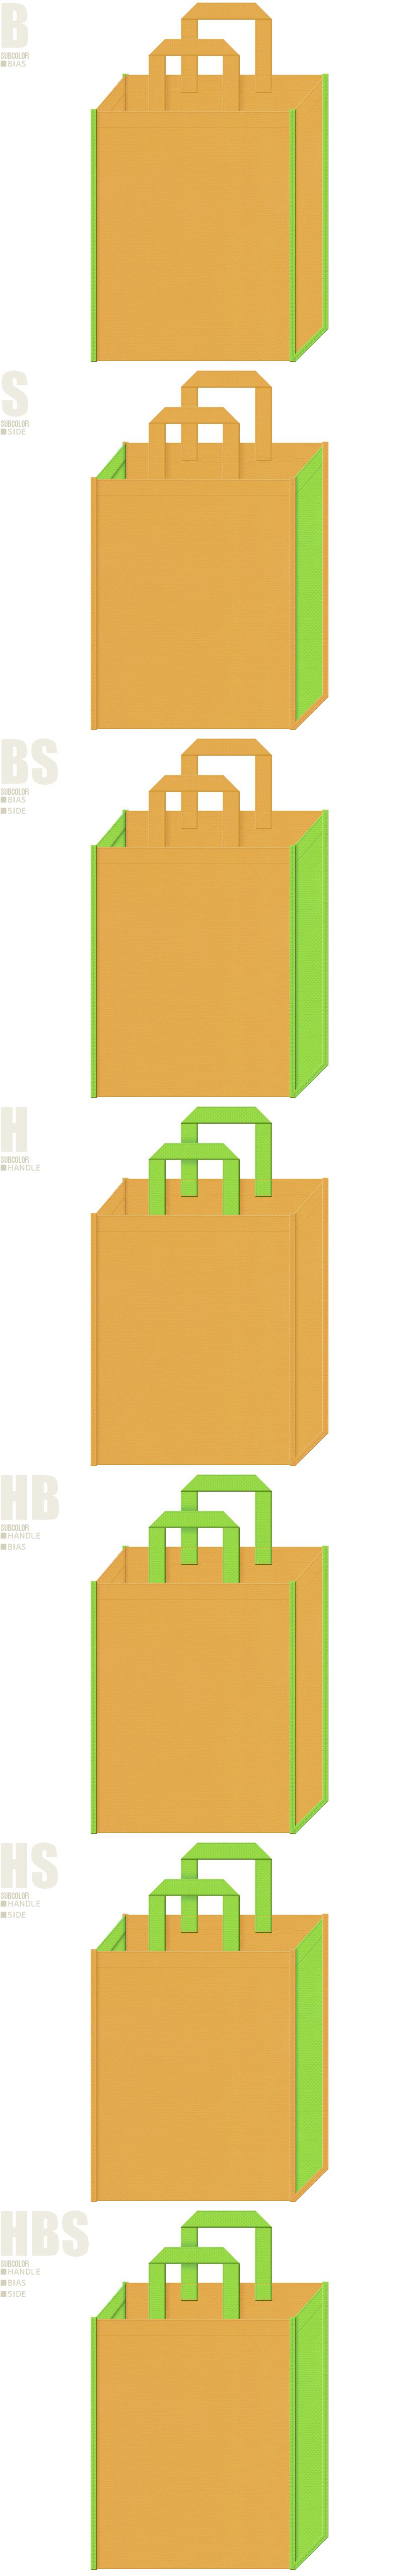 黄土色と黄緑色、7パターンの不織布トートバッグ配色デザイン例。